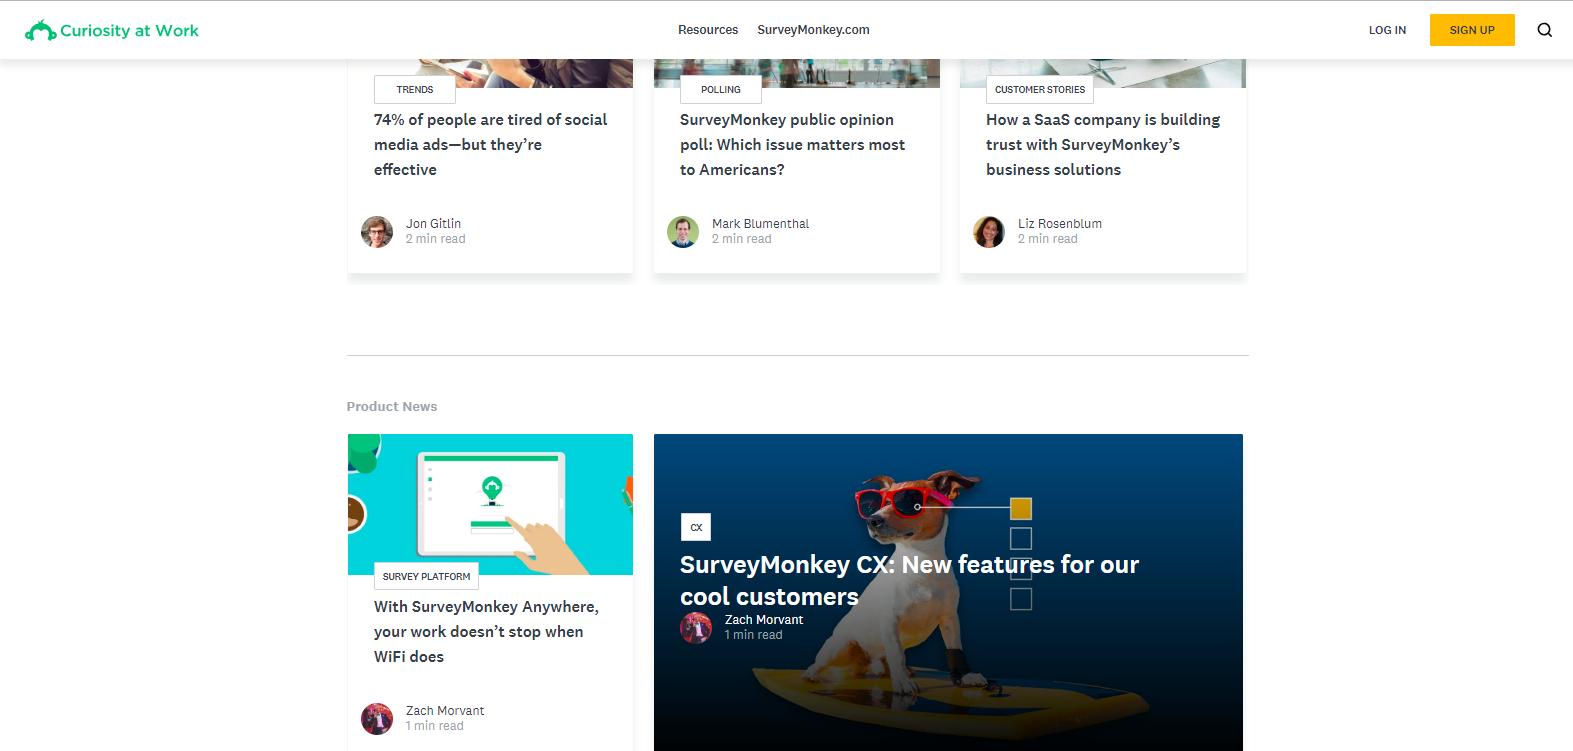 survey monkey curiosity at work blog